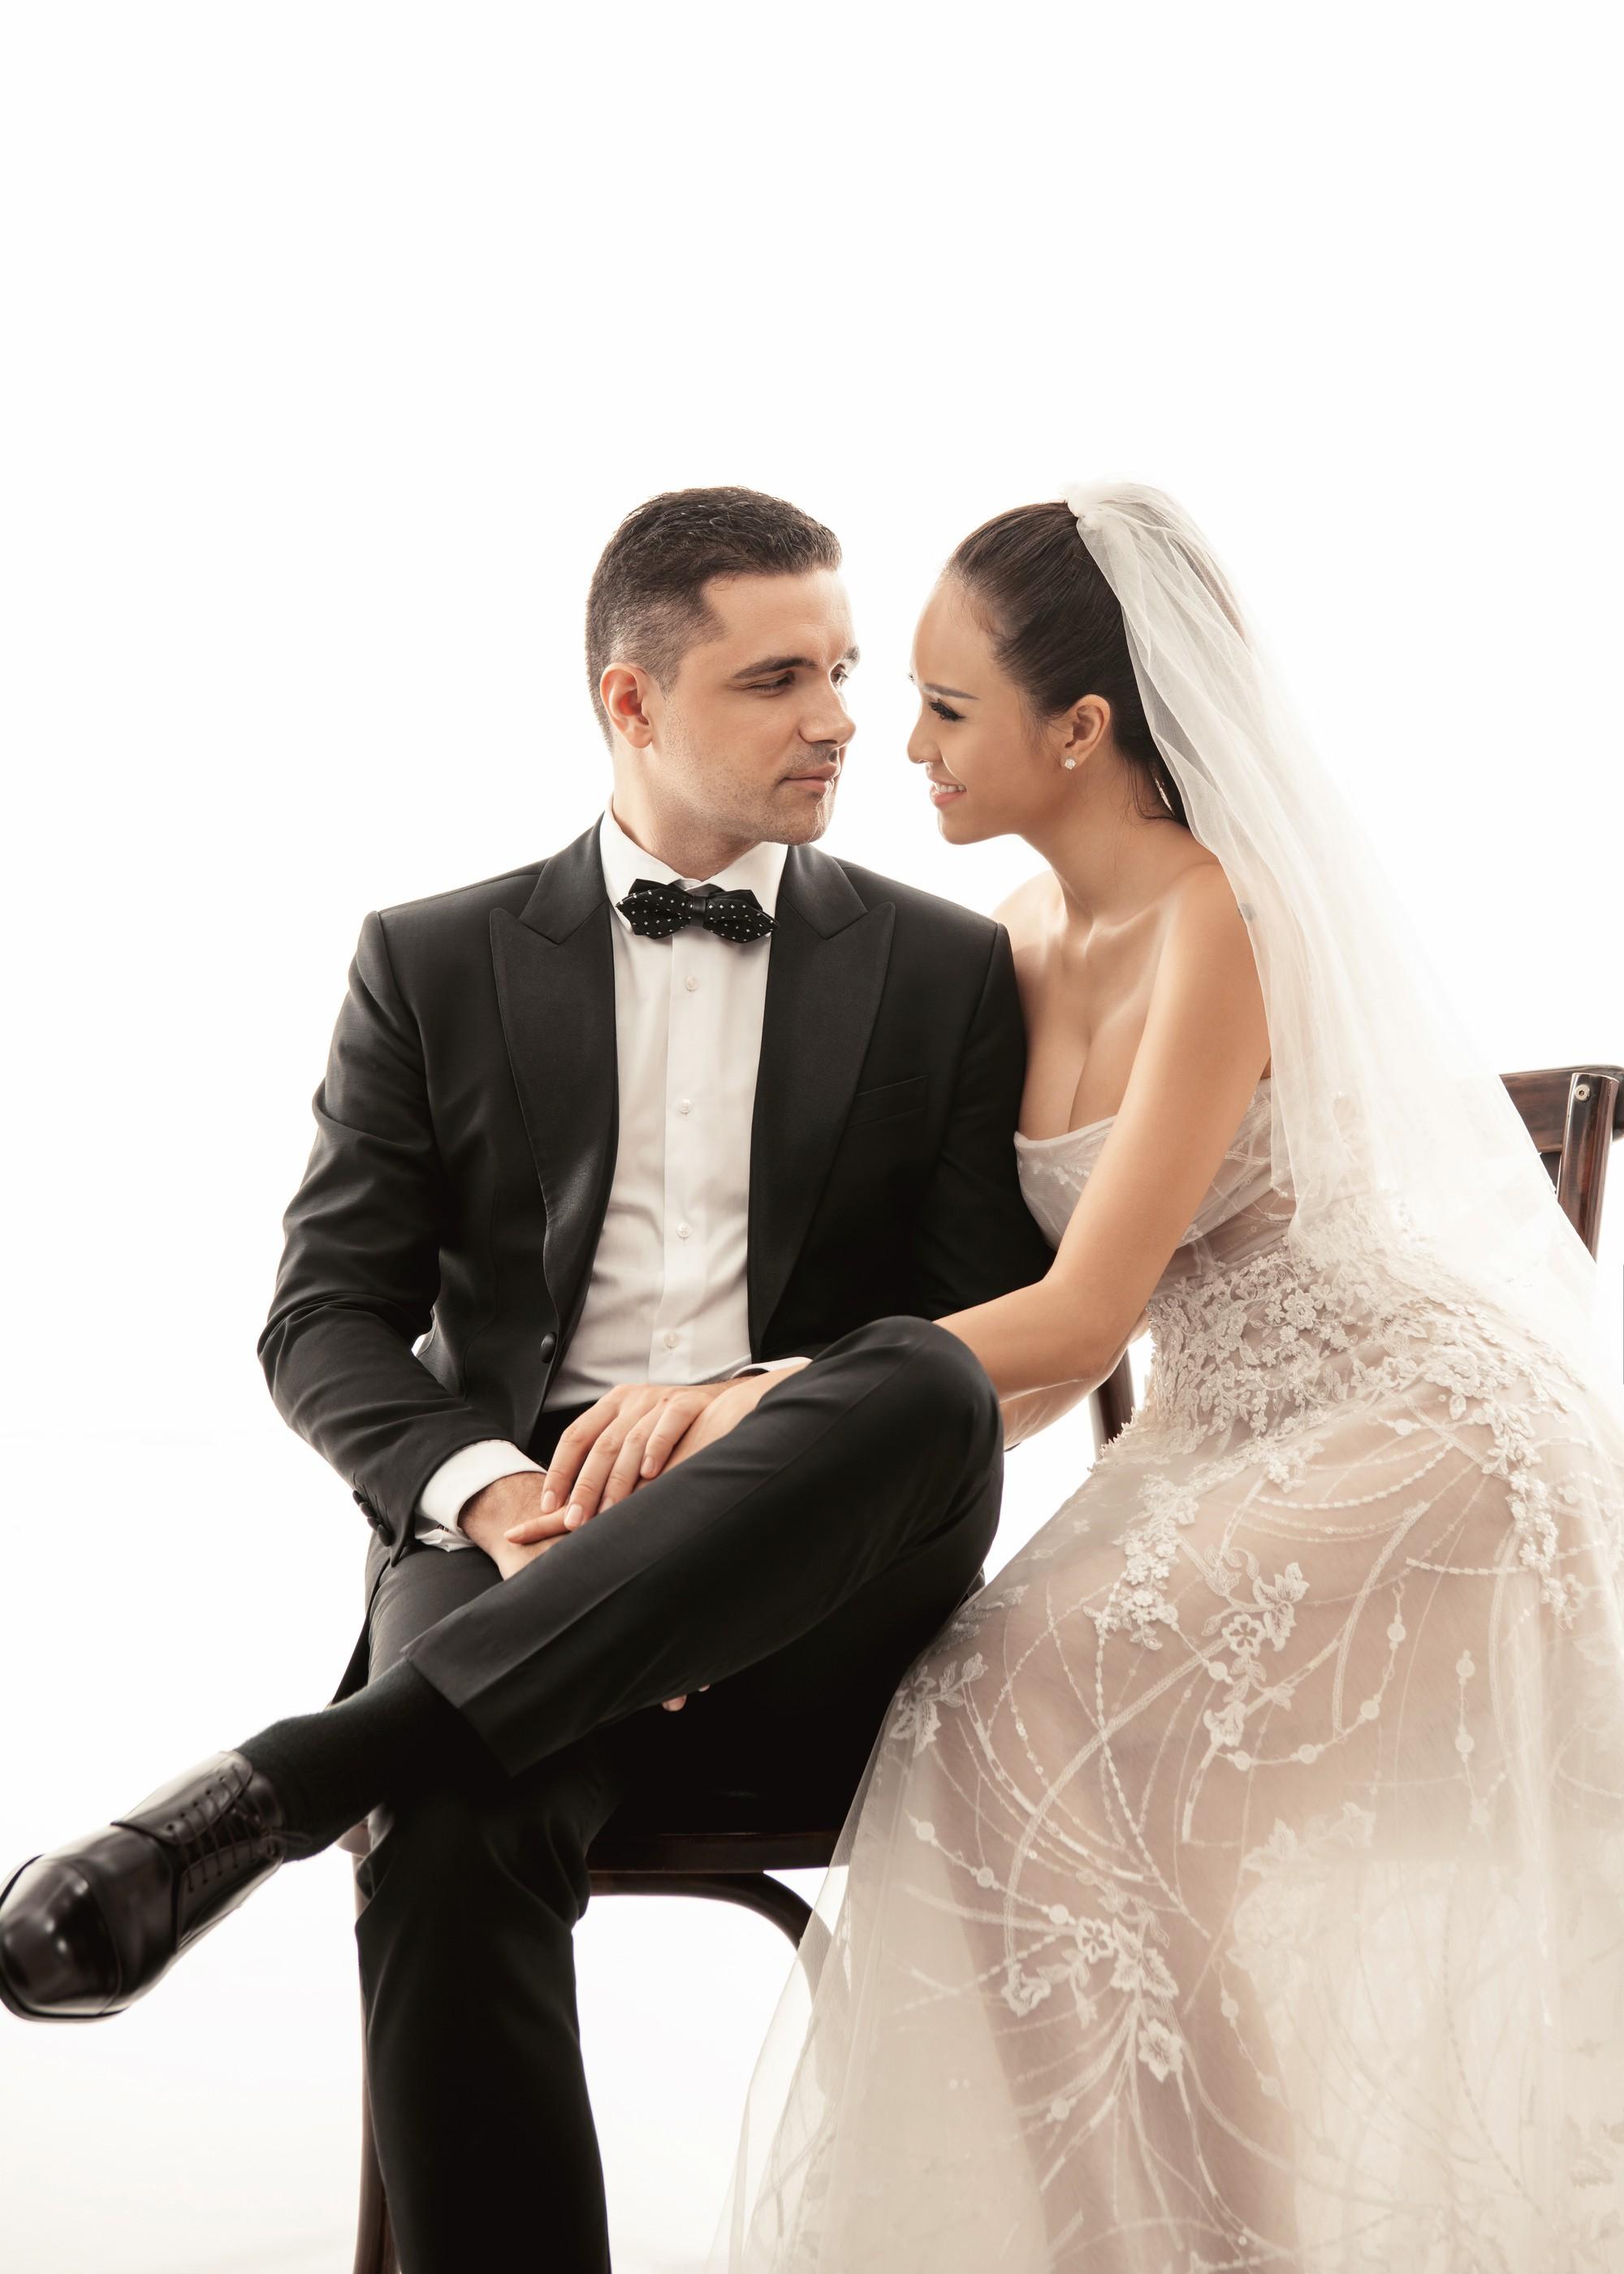 Trọn bộ ảnh cưới ngọt ngào đến tan chảy của Phương Mai và chồng Tây đẹp trai như tài tử - Ảnh 13.